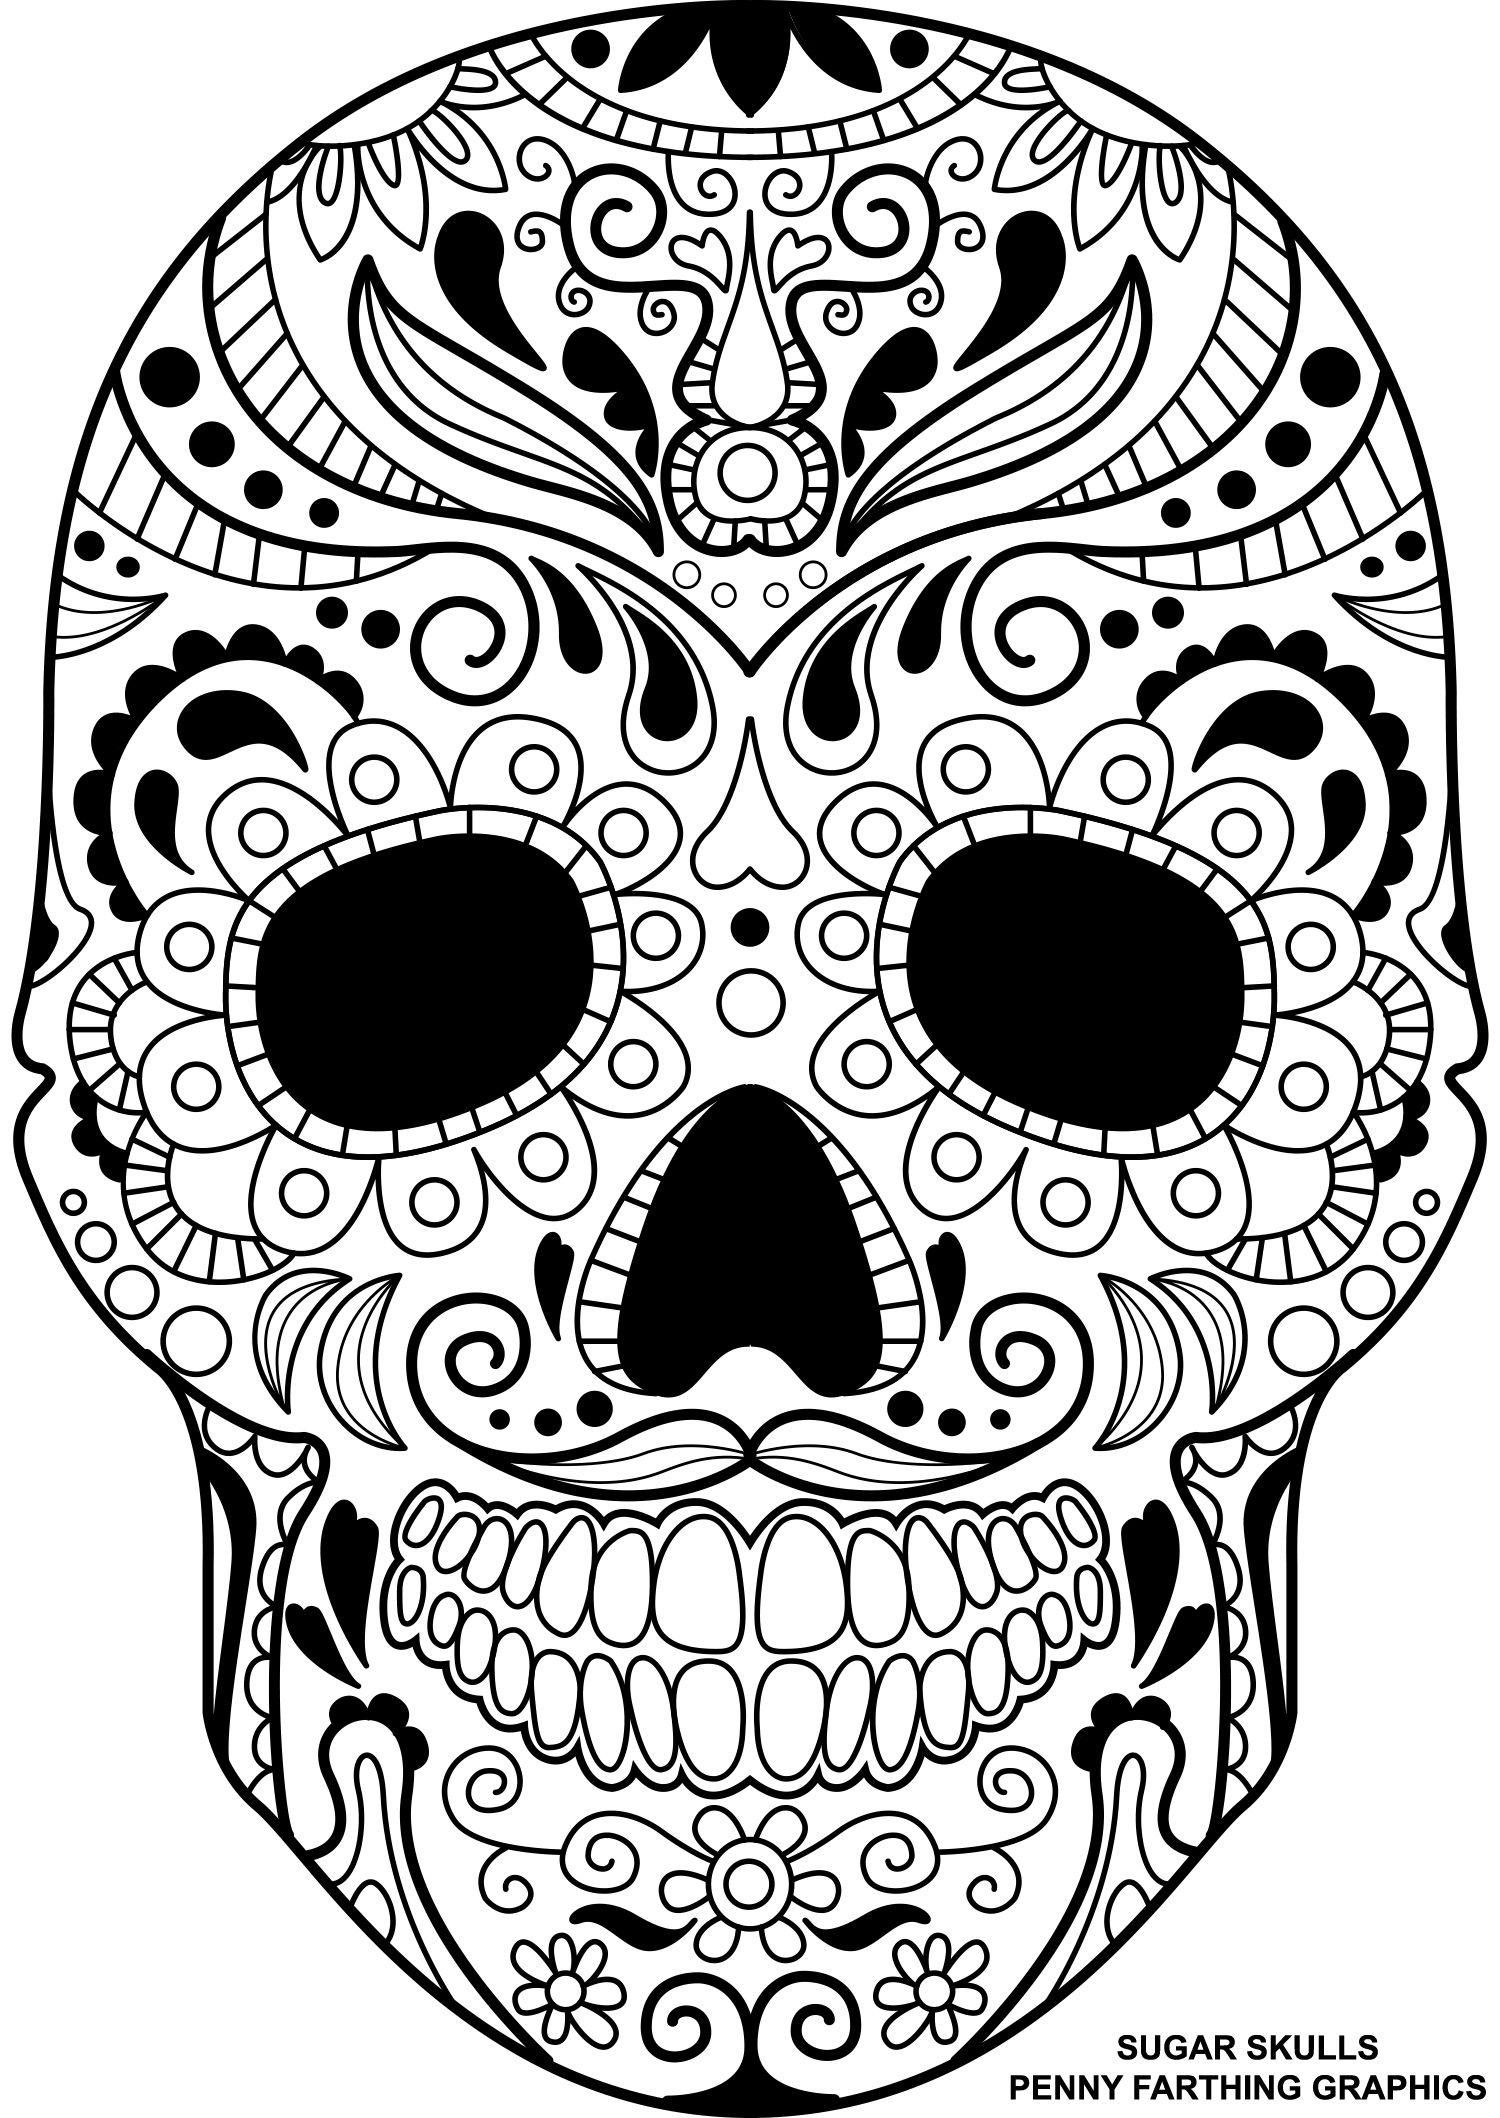 Skull From Sugar Skulls